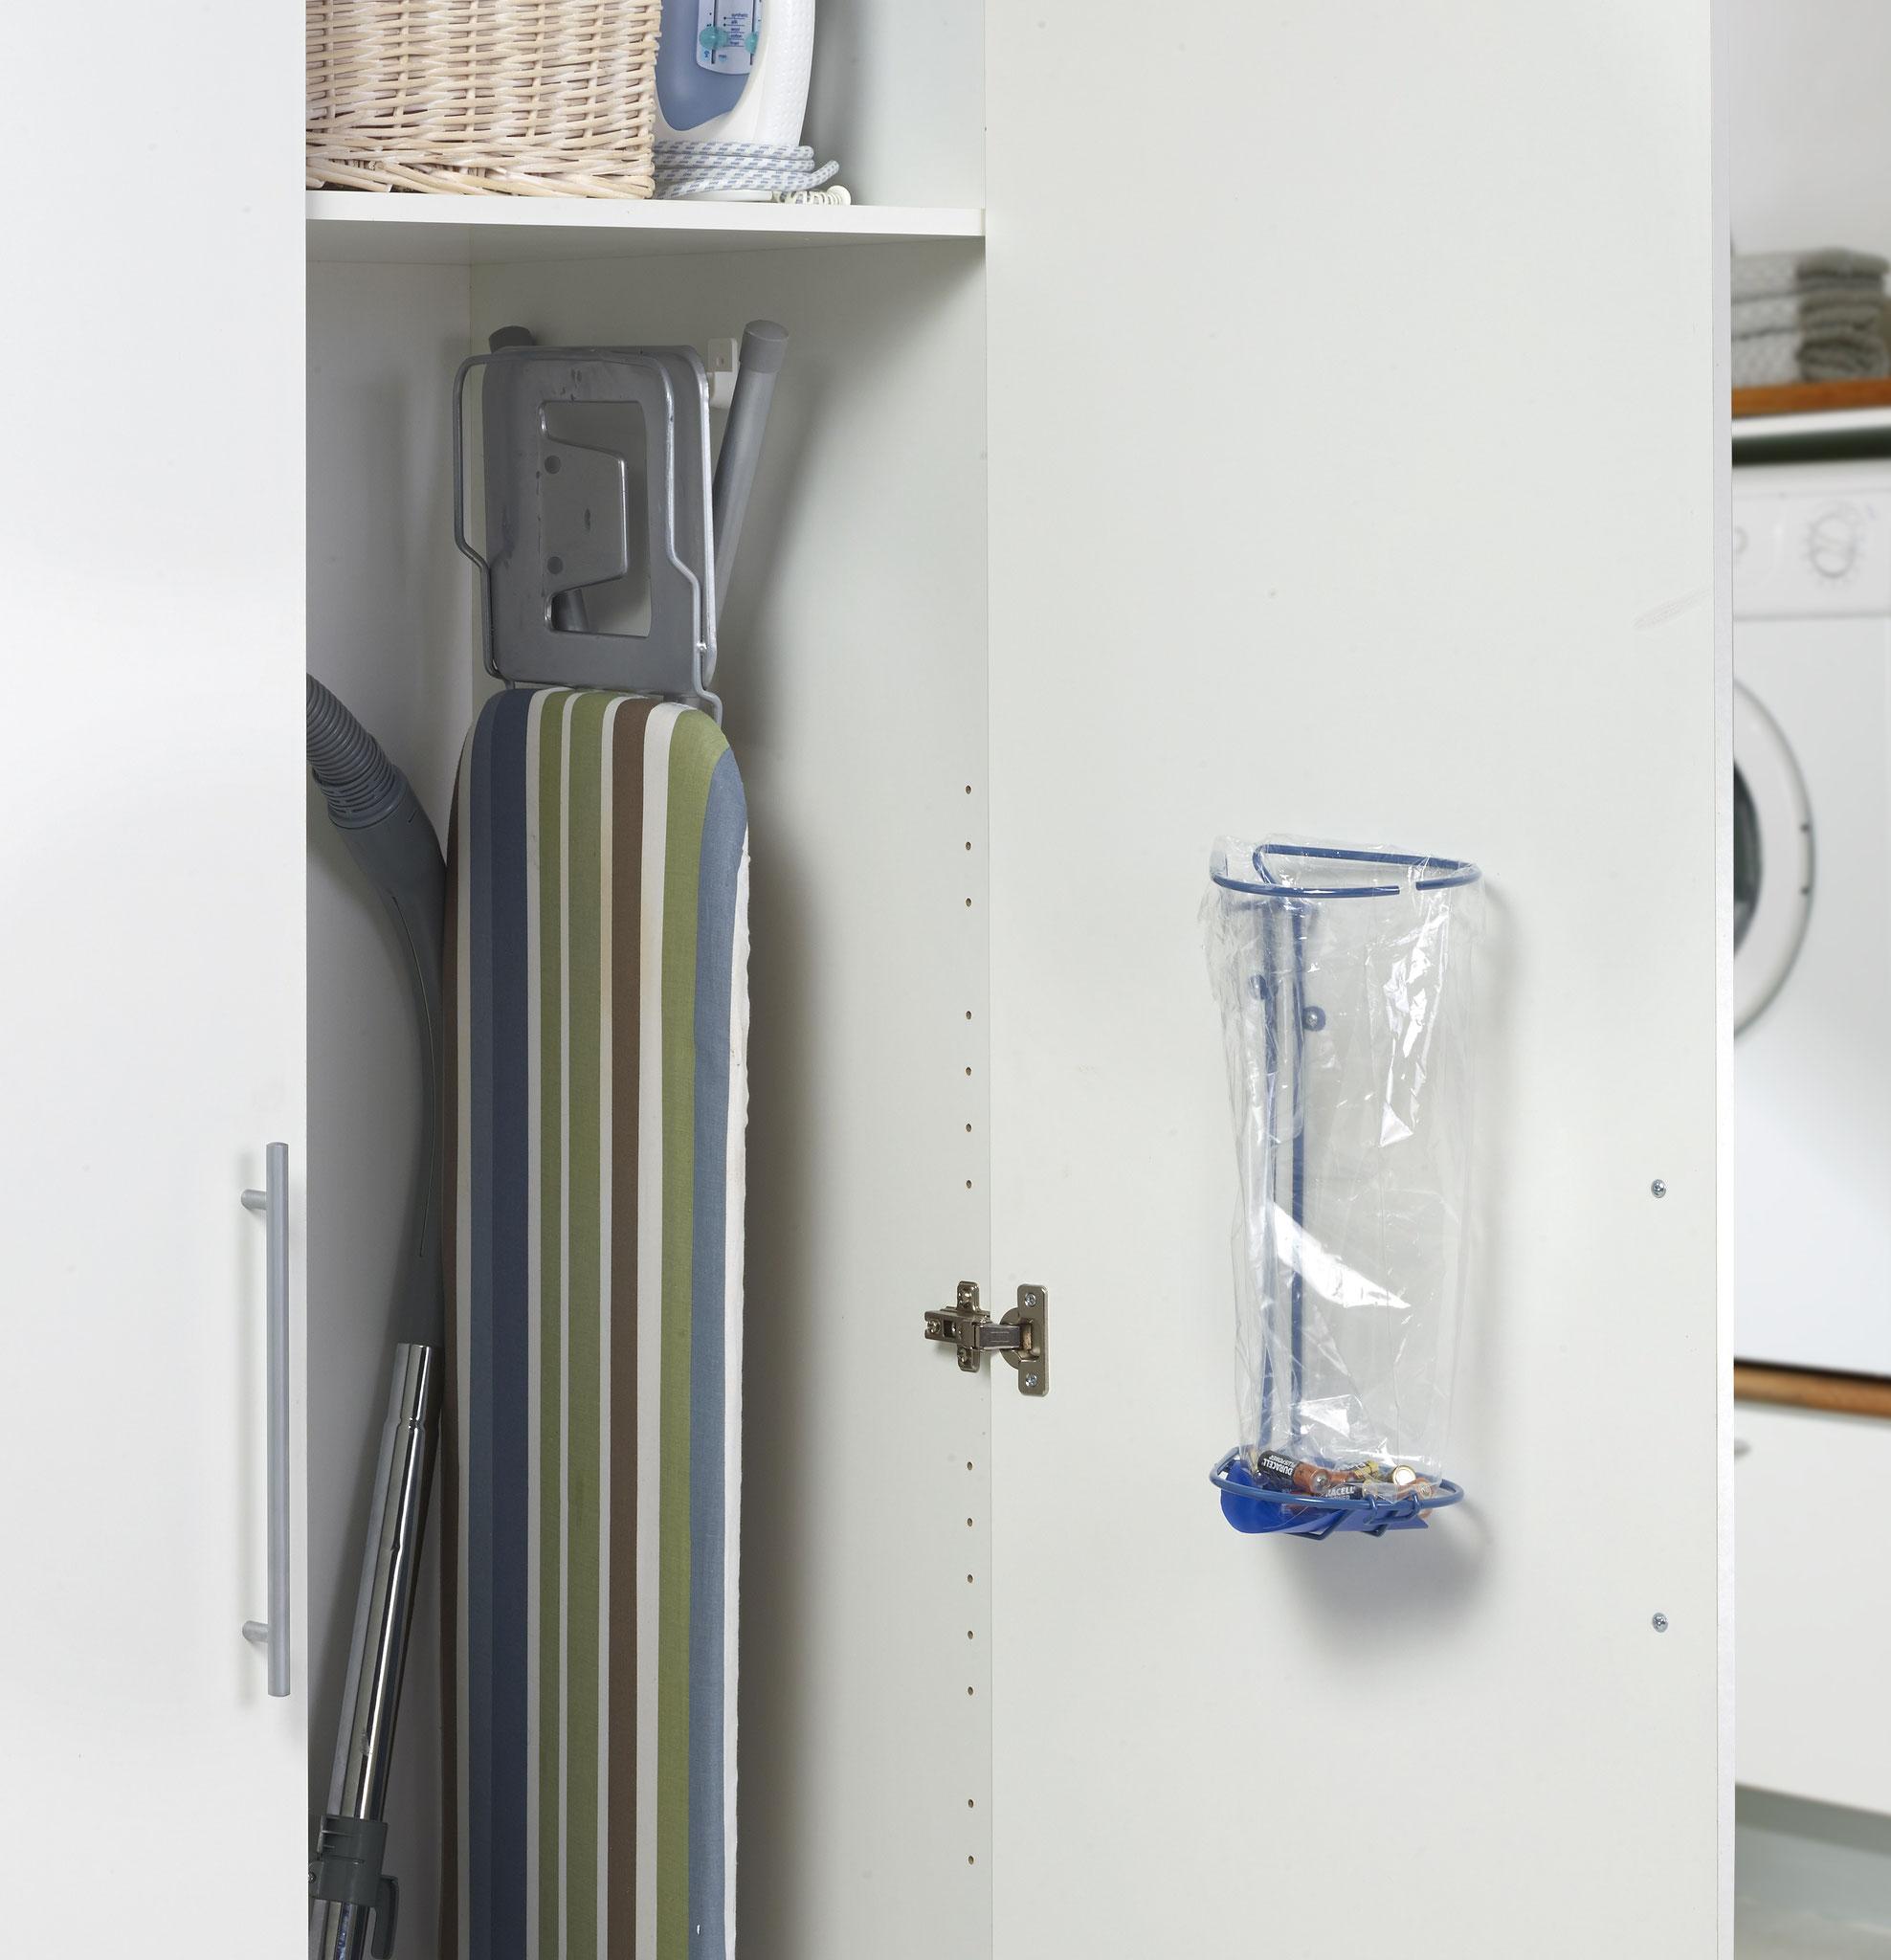 Affaldssorteringssystem til køkken. Består af fleksible affalsstativer- bedste valg i et køkken. Sæt affaldssortering i systemet, hjælp miljø!